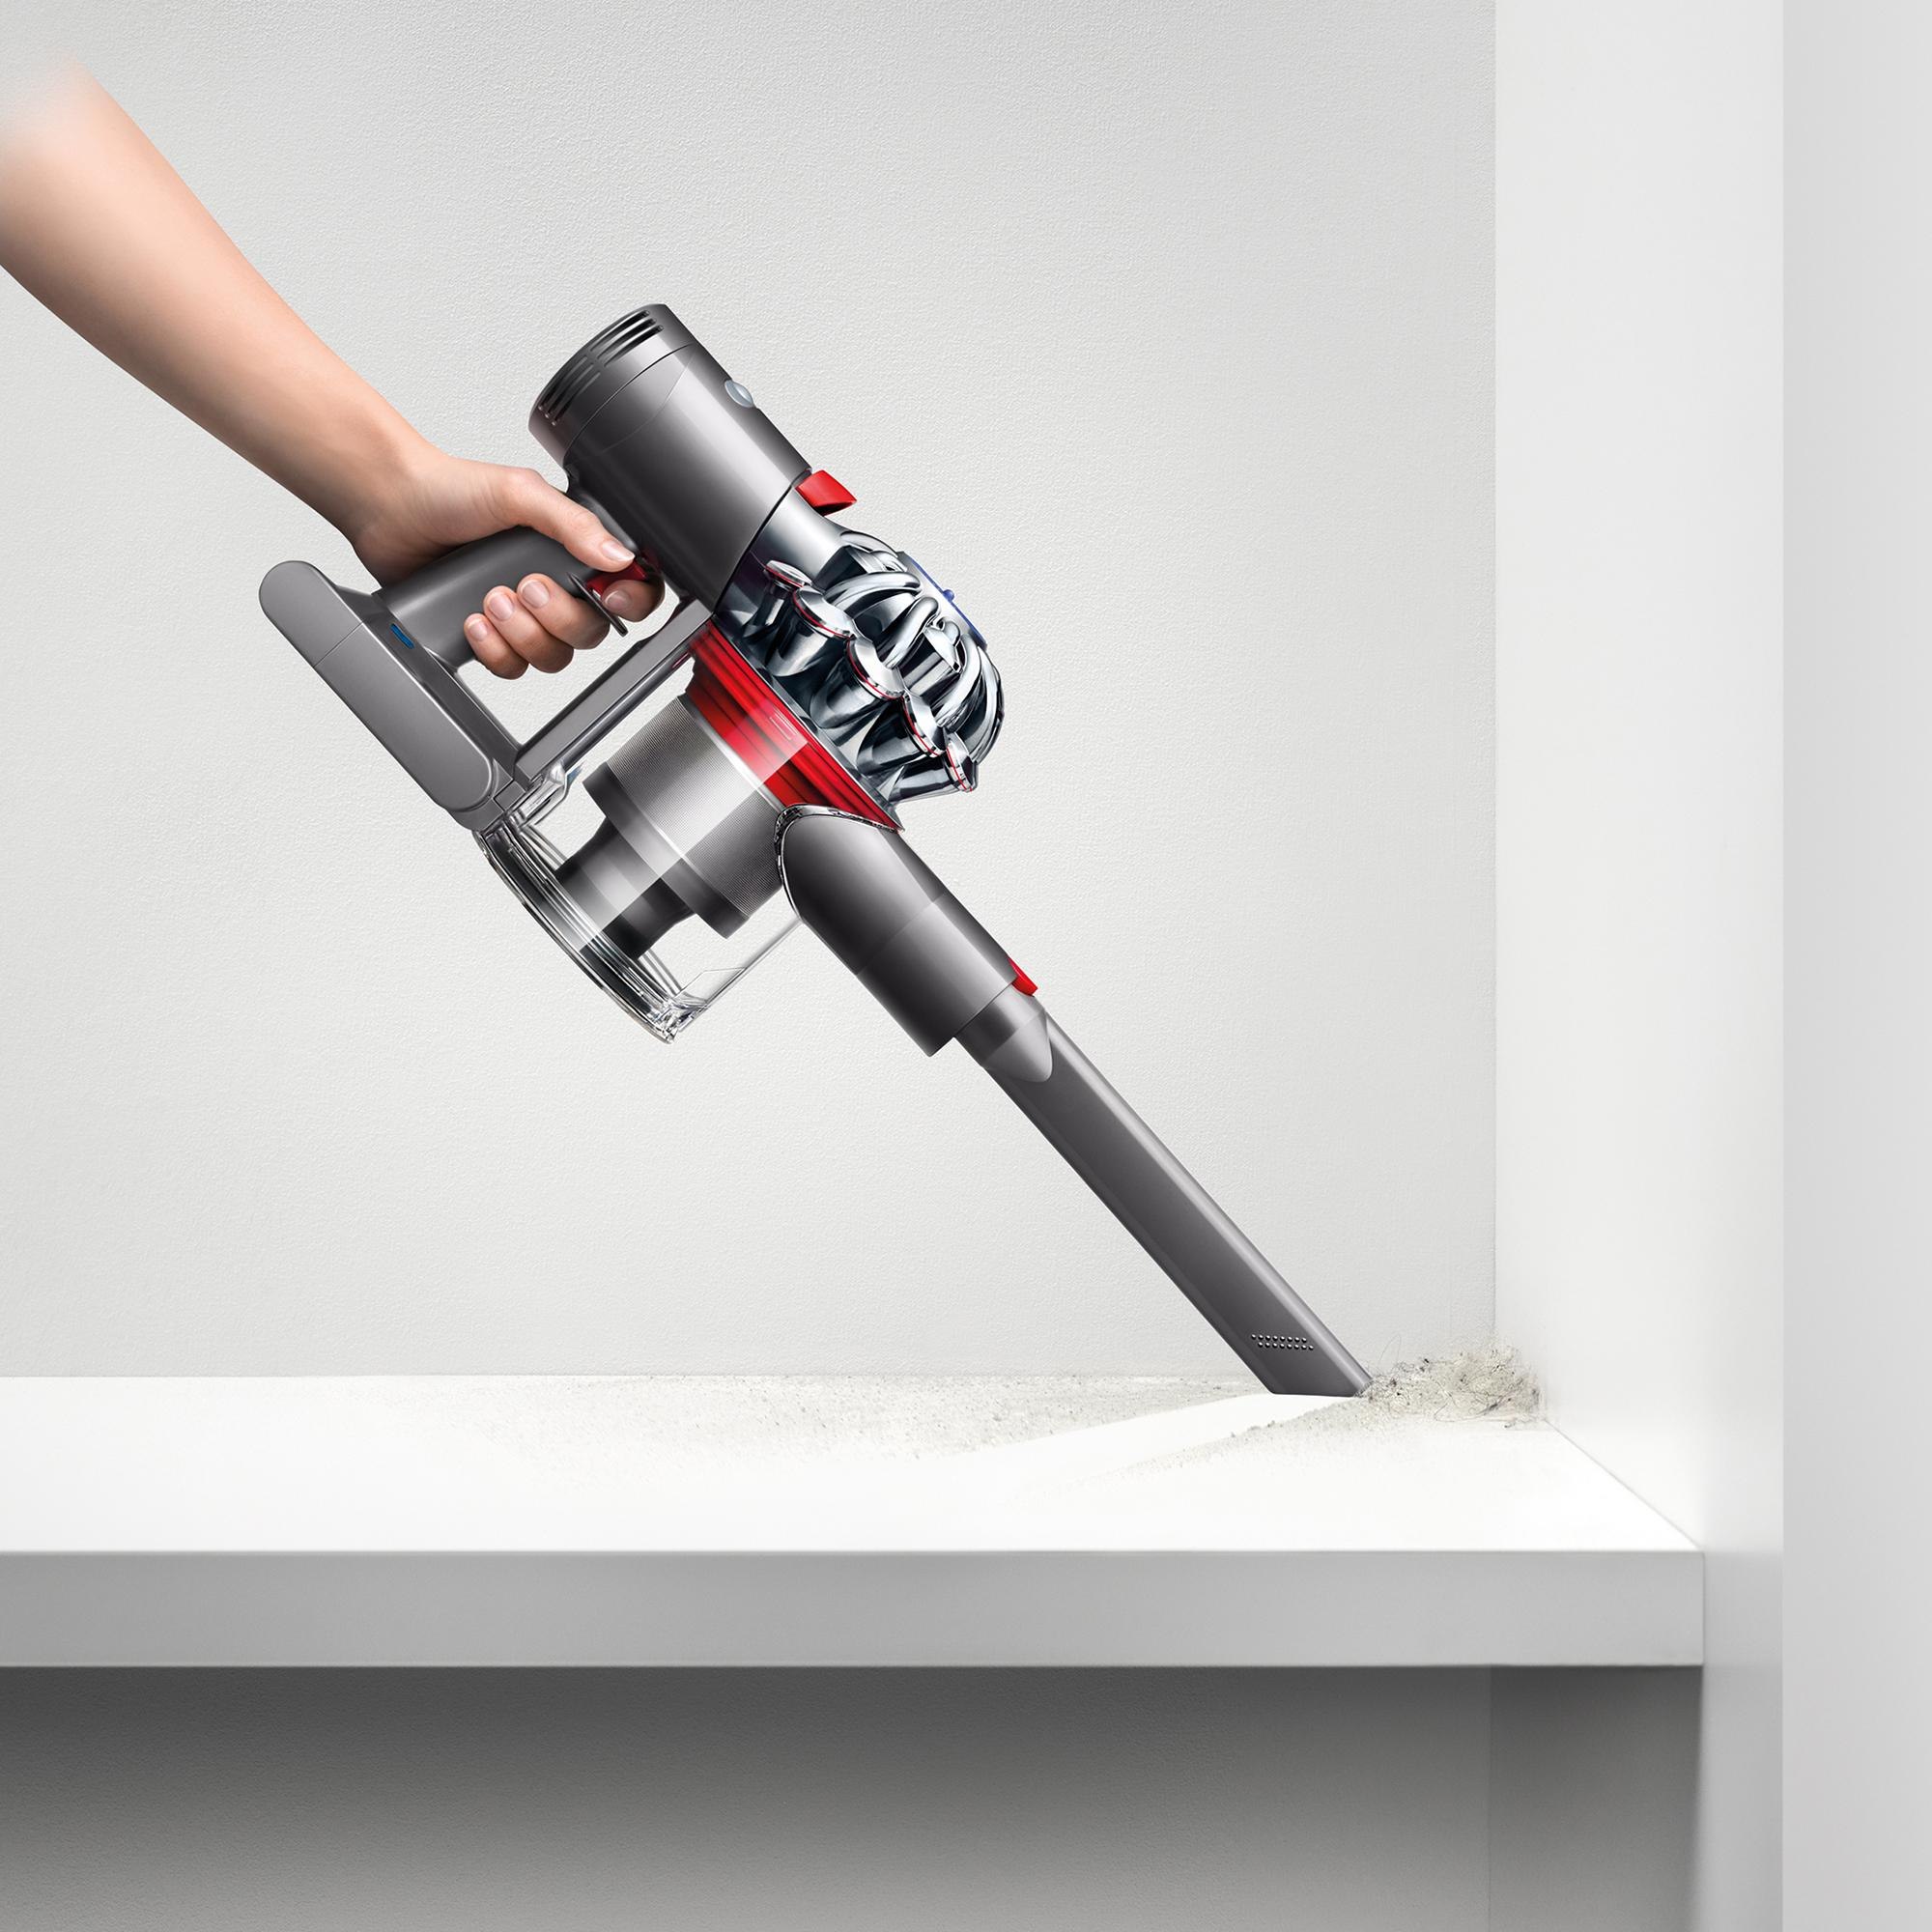 dyson v7 trigger cord free handheld vacuum. Black Bedroom Furniture Sets. Home Design Ideas